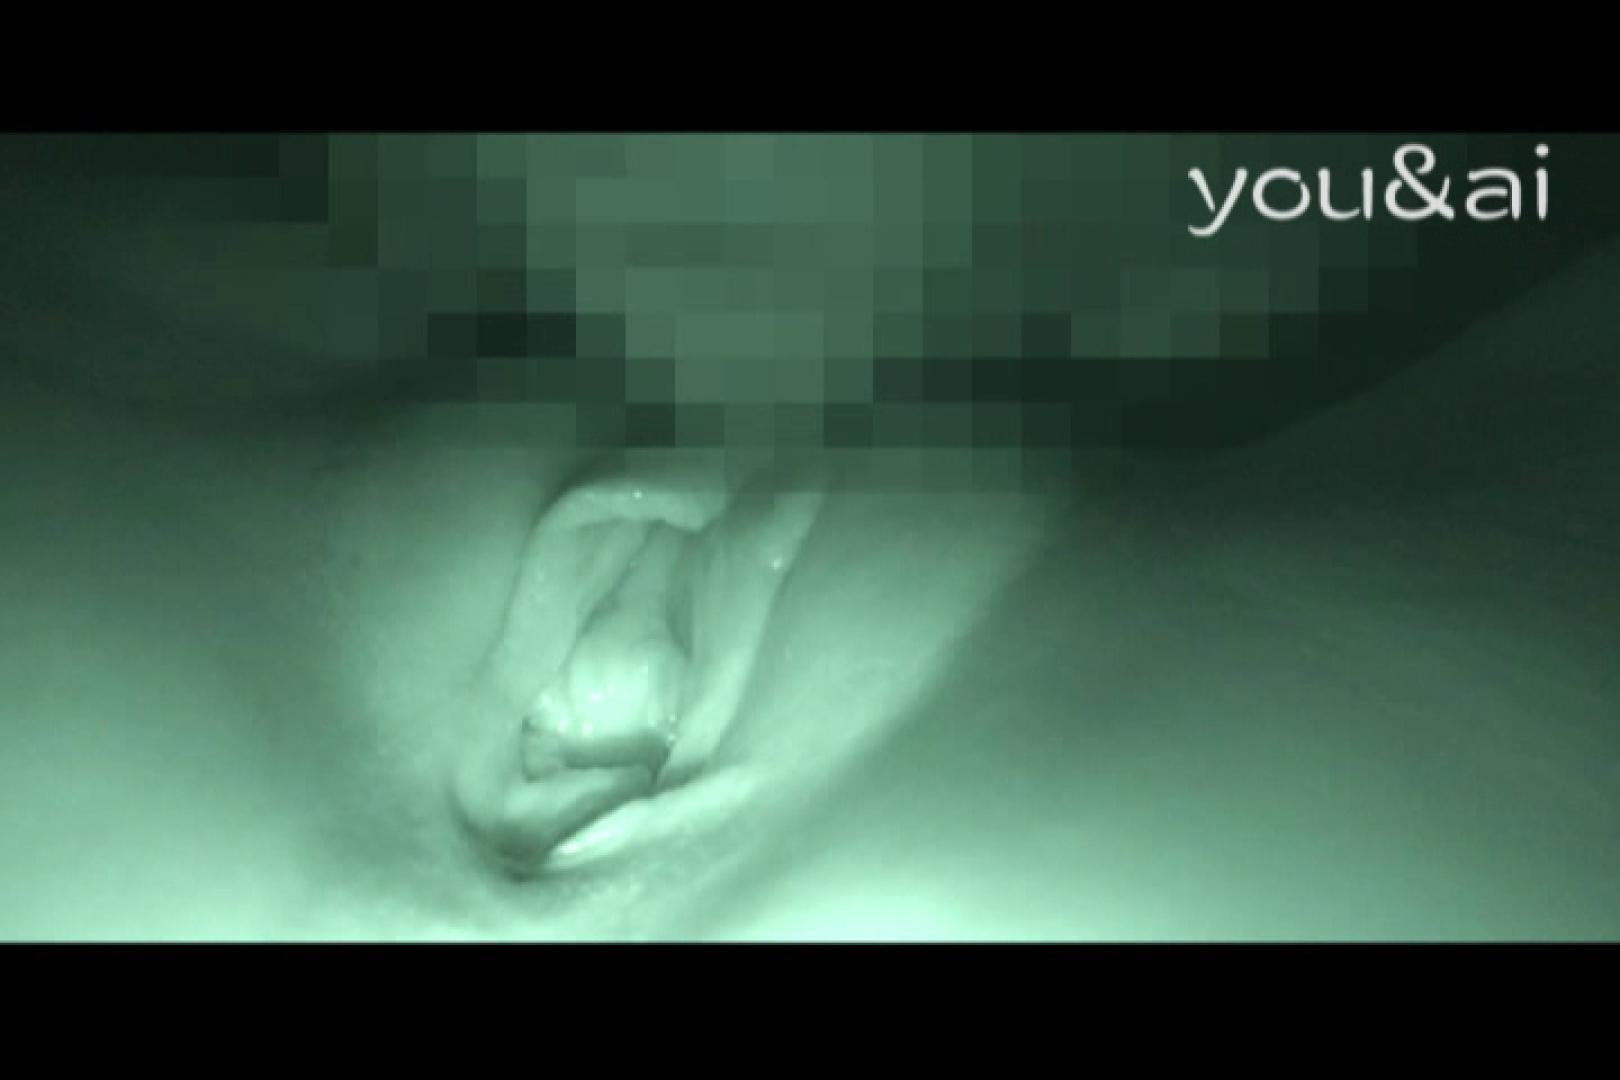 おしどり夫婦のyou&aiさん投稿作品vol.3 OL | 投稿  69連発 12